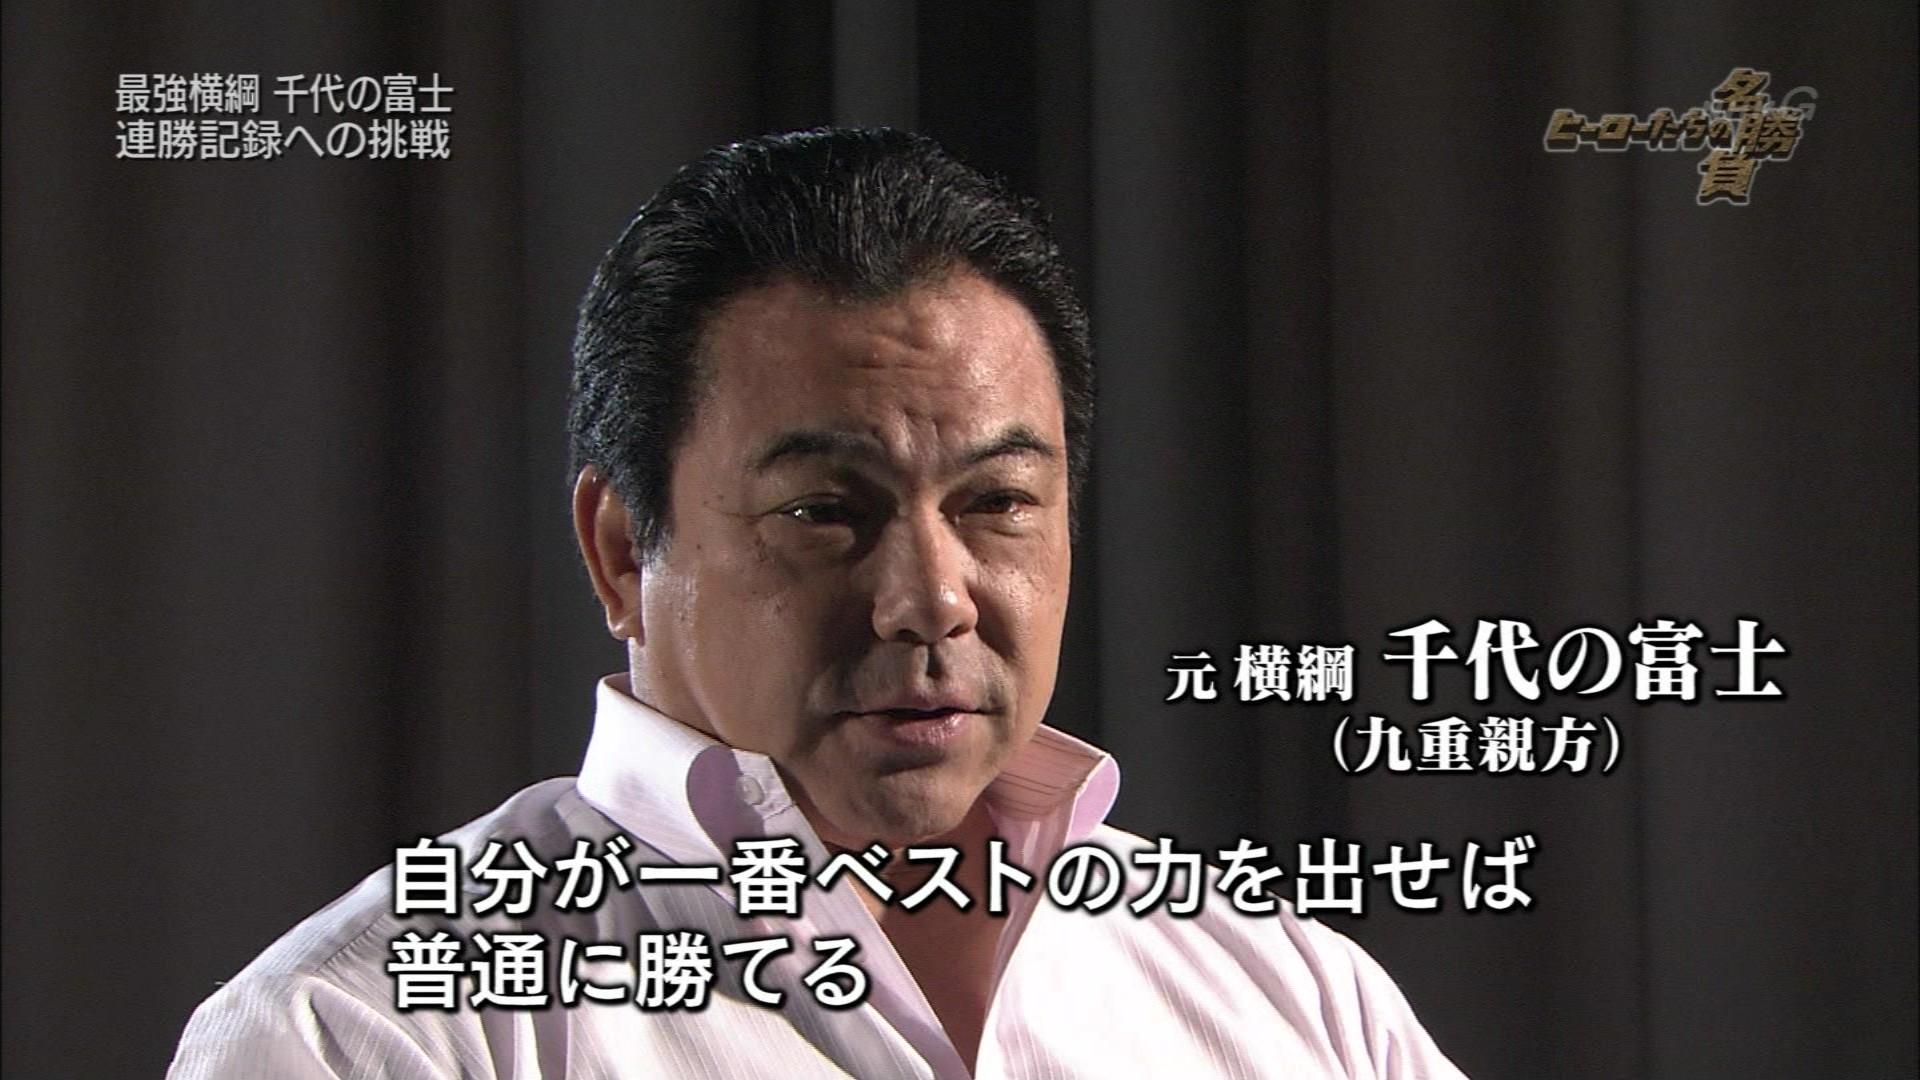 千代の富士貢の画像 p1_31